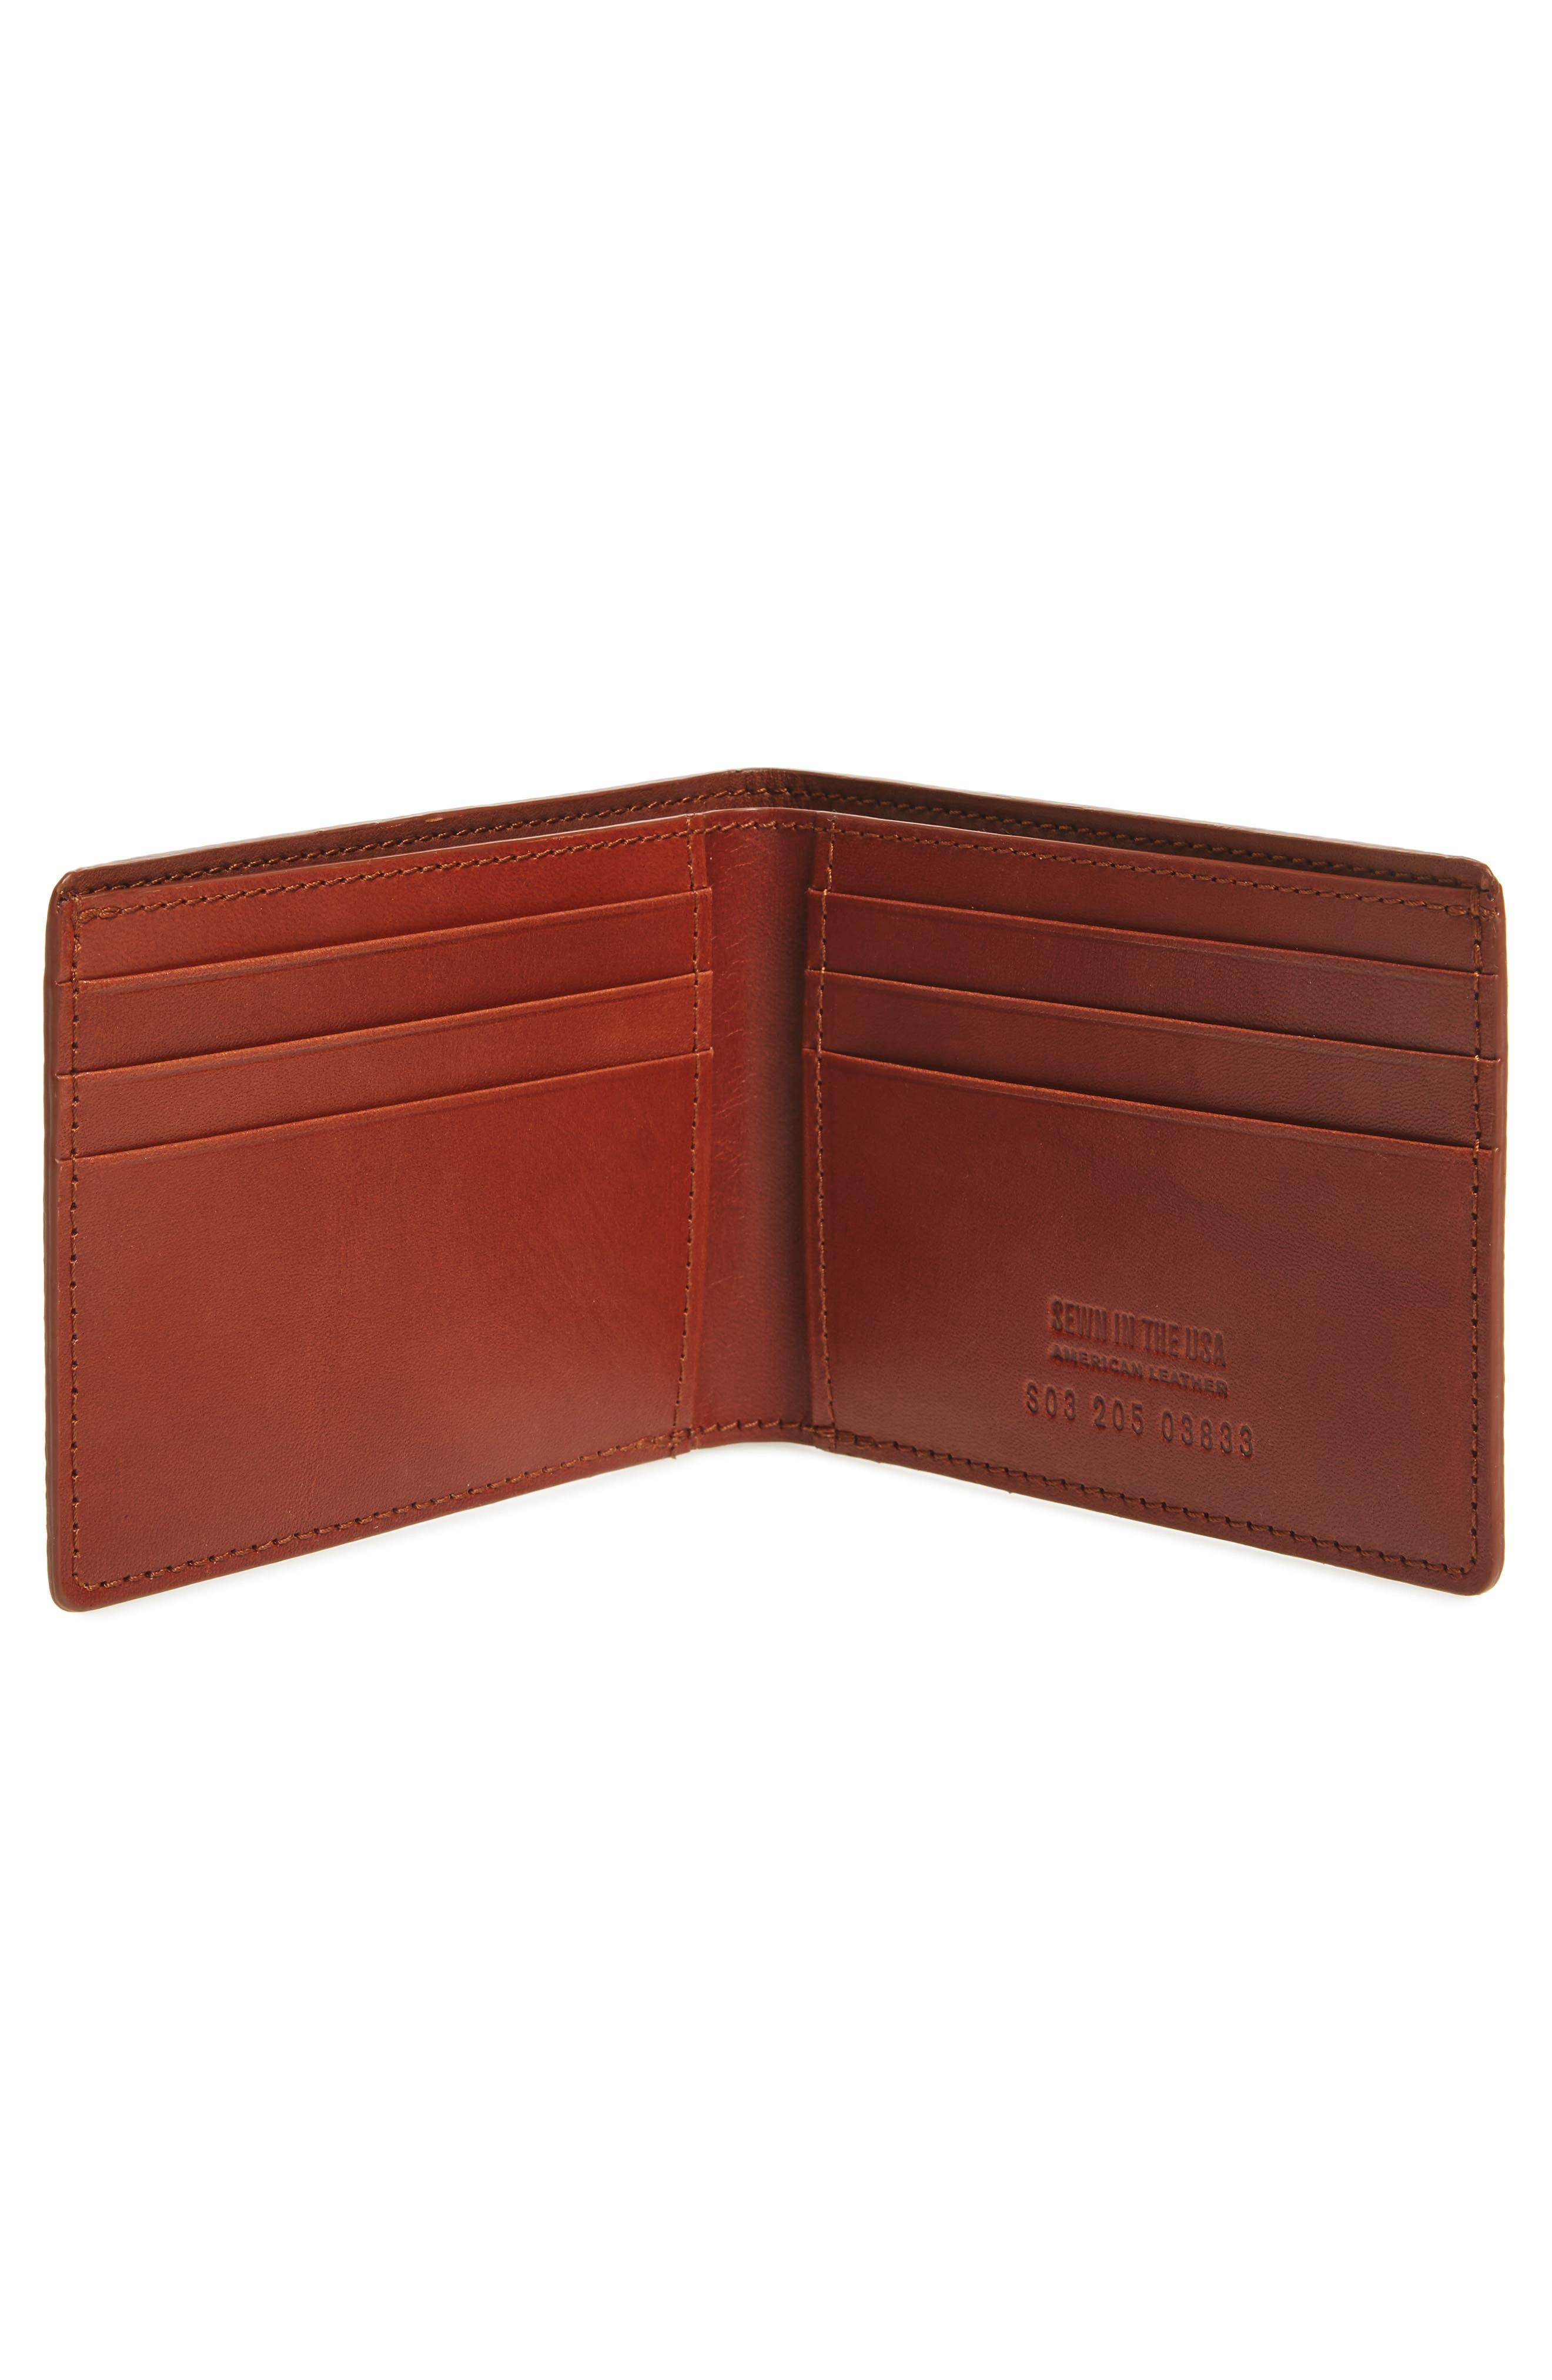 Alternate Image 2  - Shinola Leather Wallet